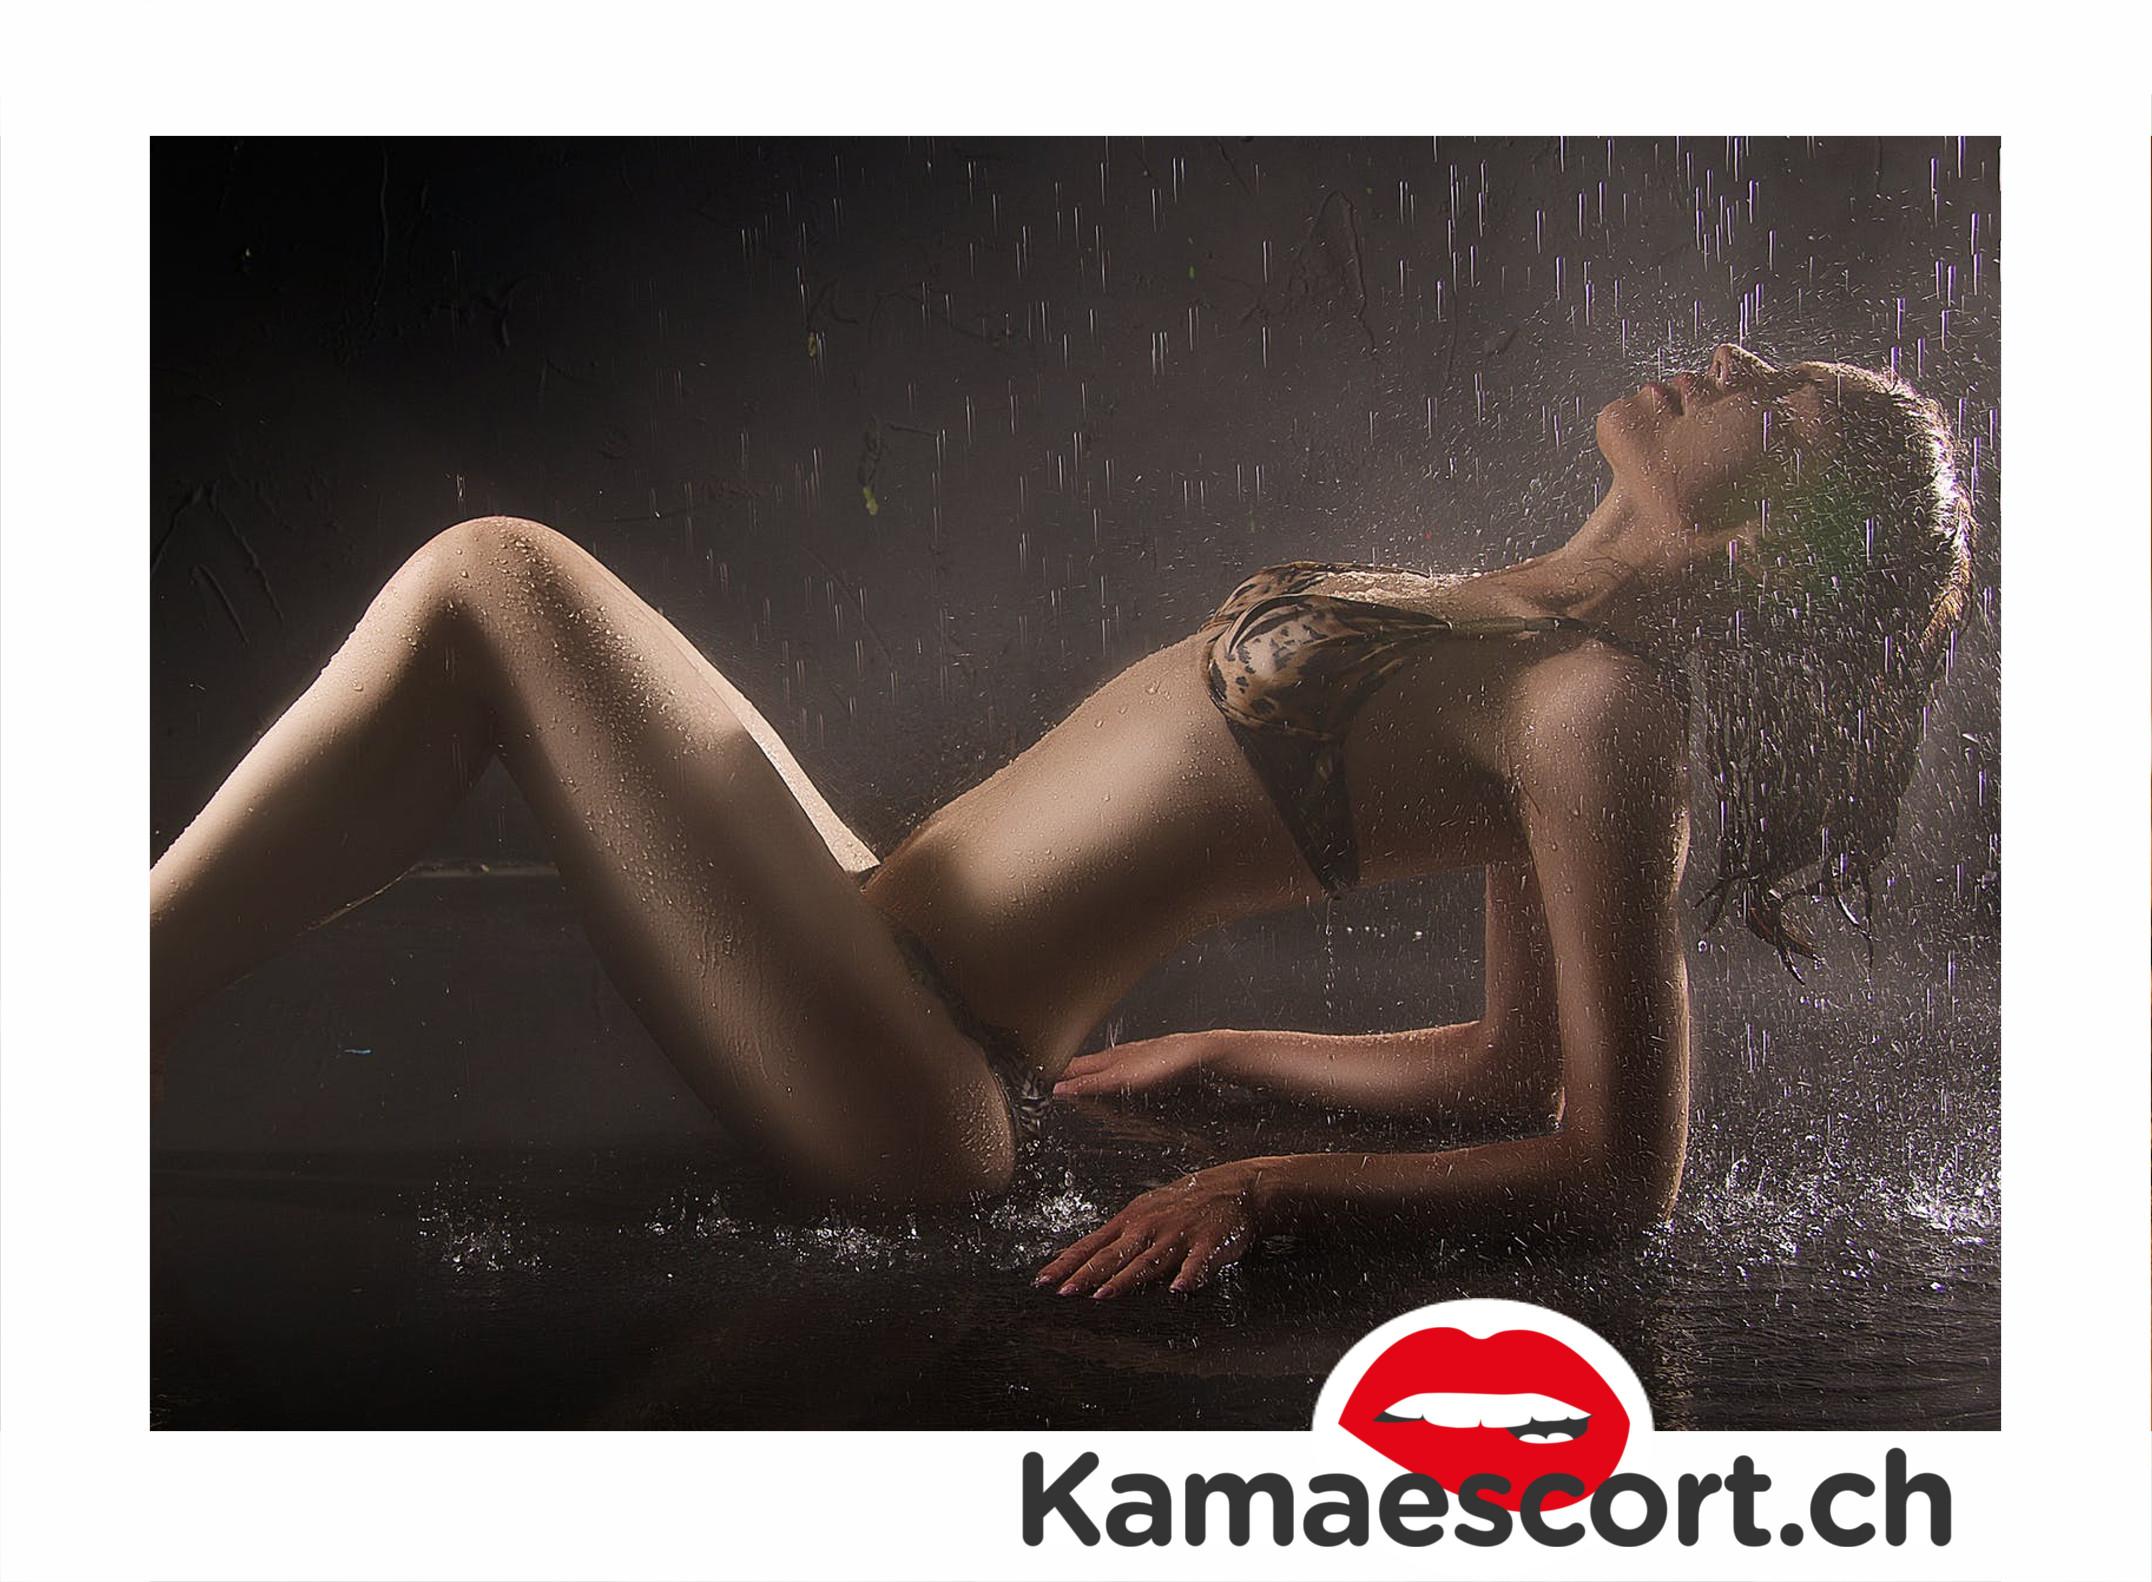 KAMAESCORT : Plateforme escort girl Genève - douceurs plaisirs intenses et complices